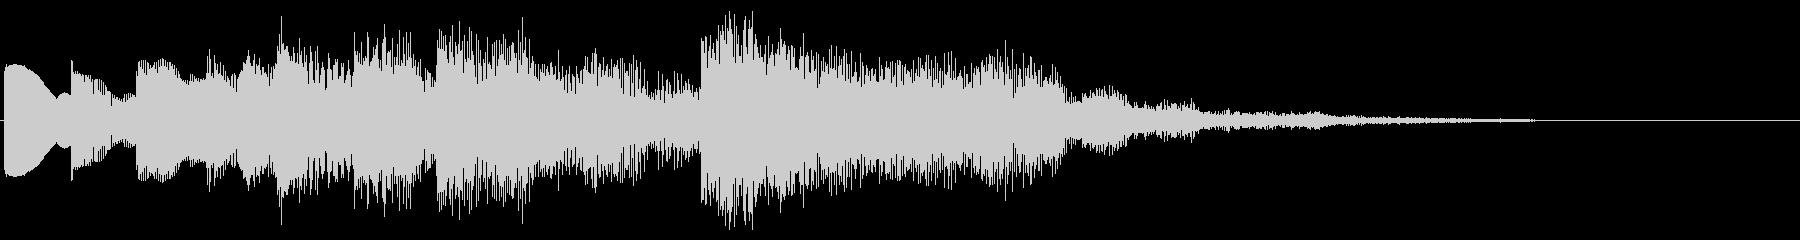 KANTベルアイキャッチ201021の未再生の波形